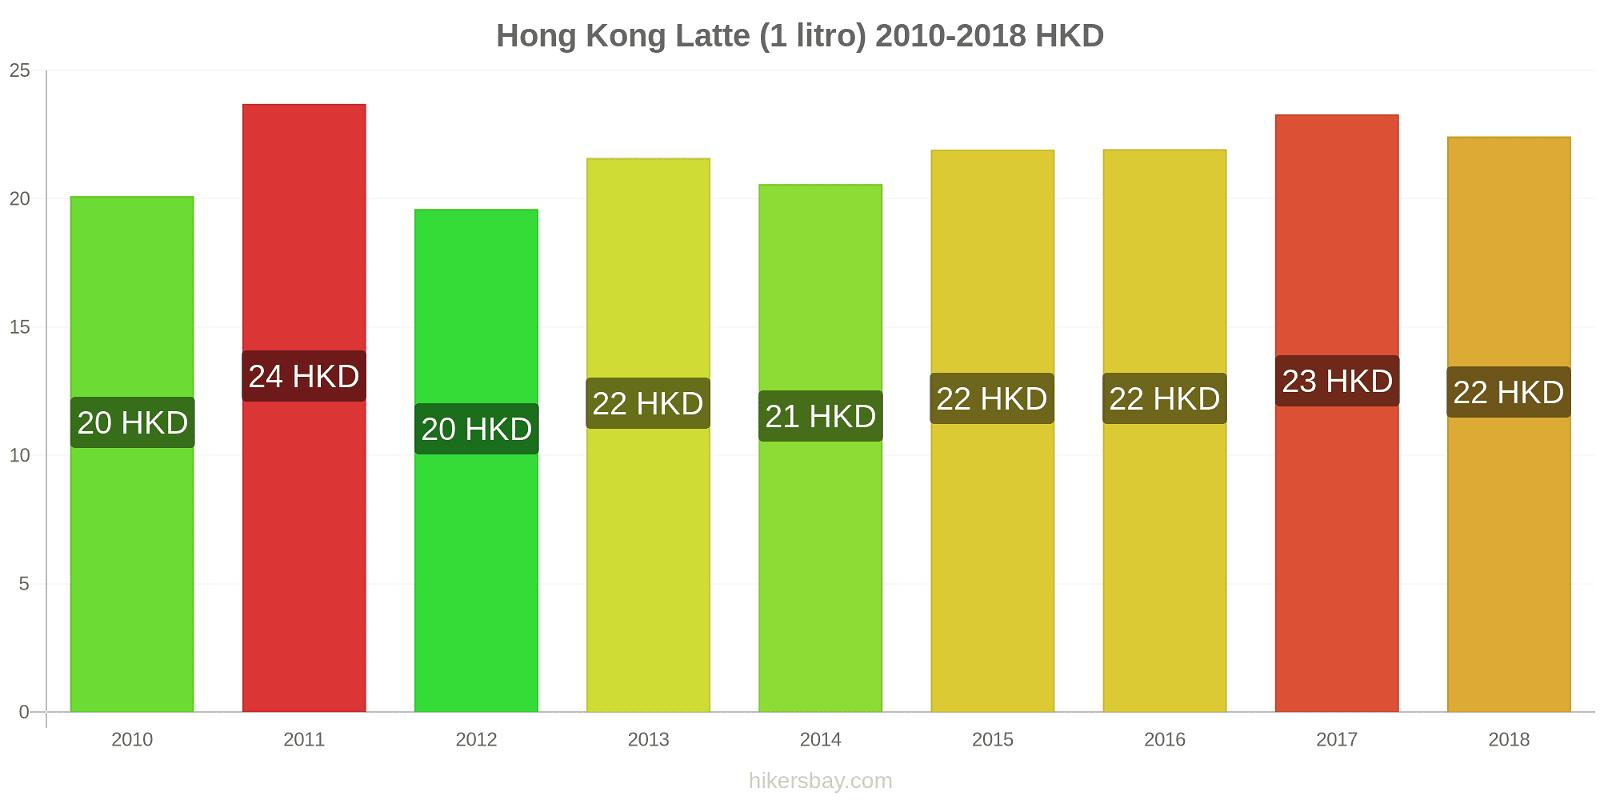 Hong Kong variazioni di prezzo Latte (1 litro) hikersbay.com